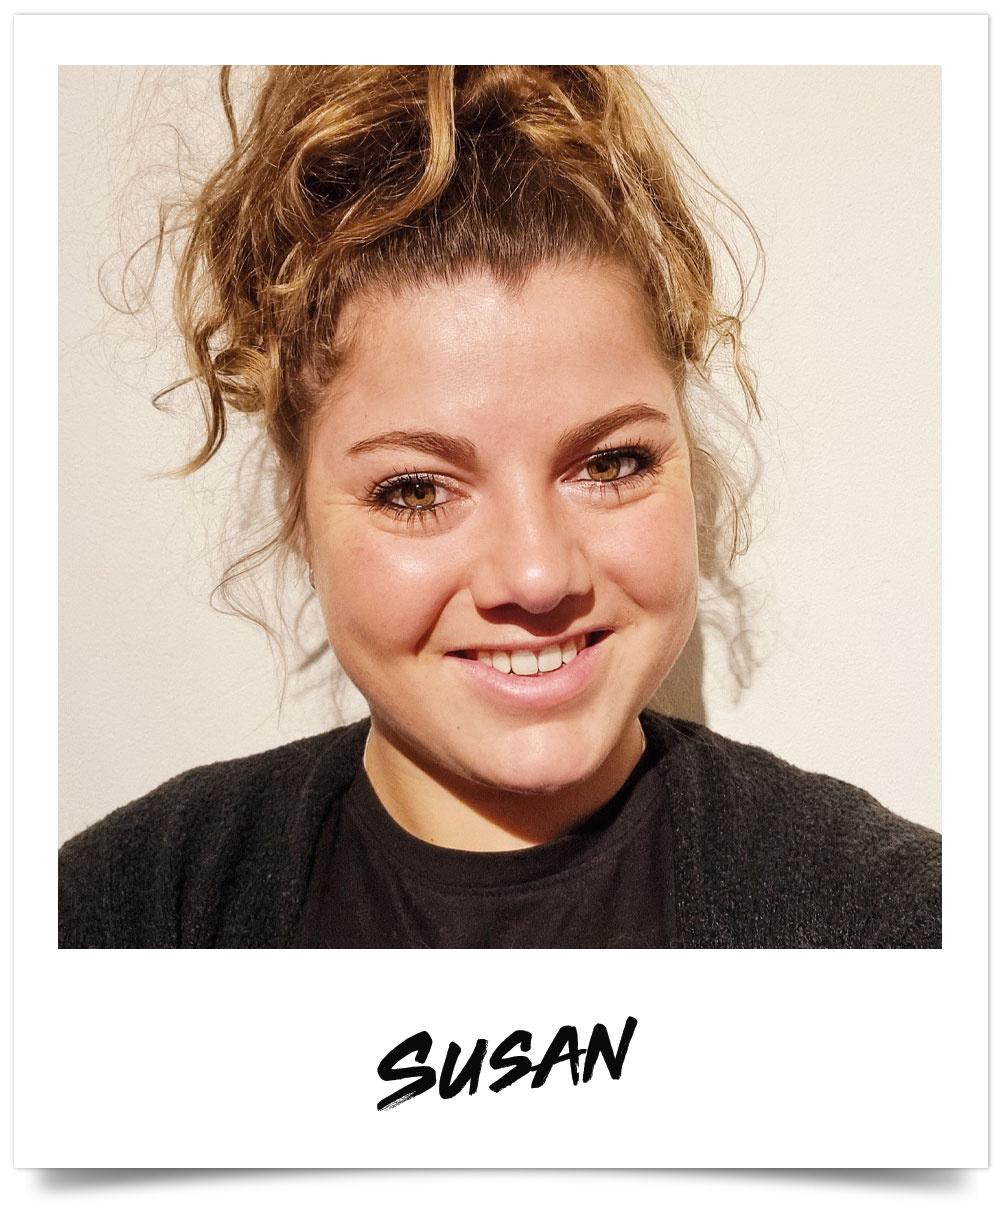 Susan - Eurofuncenter Crew